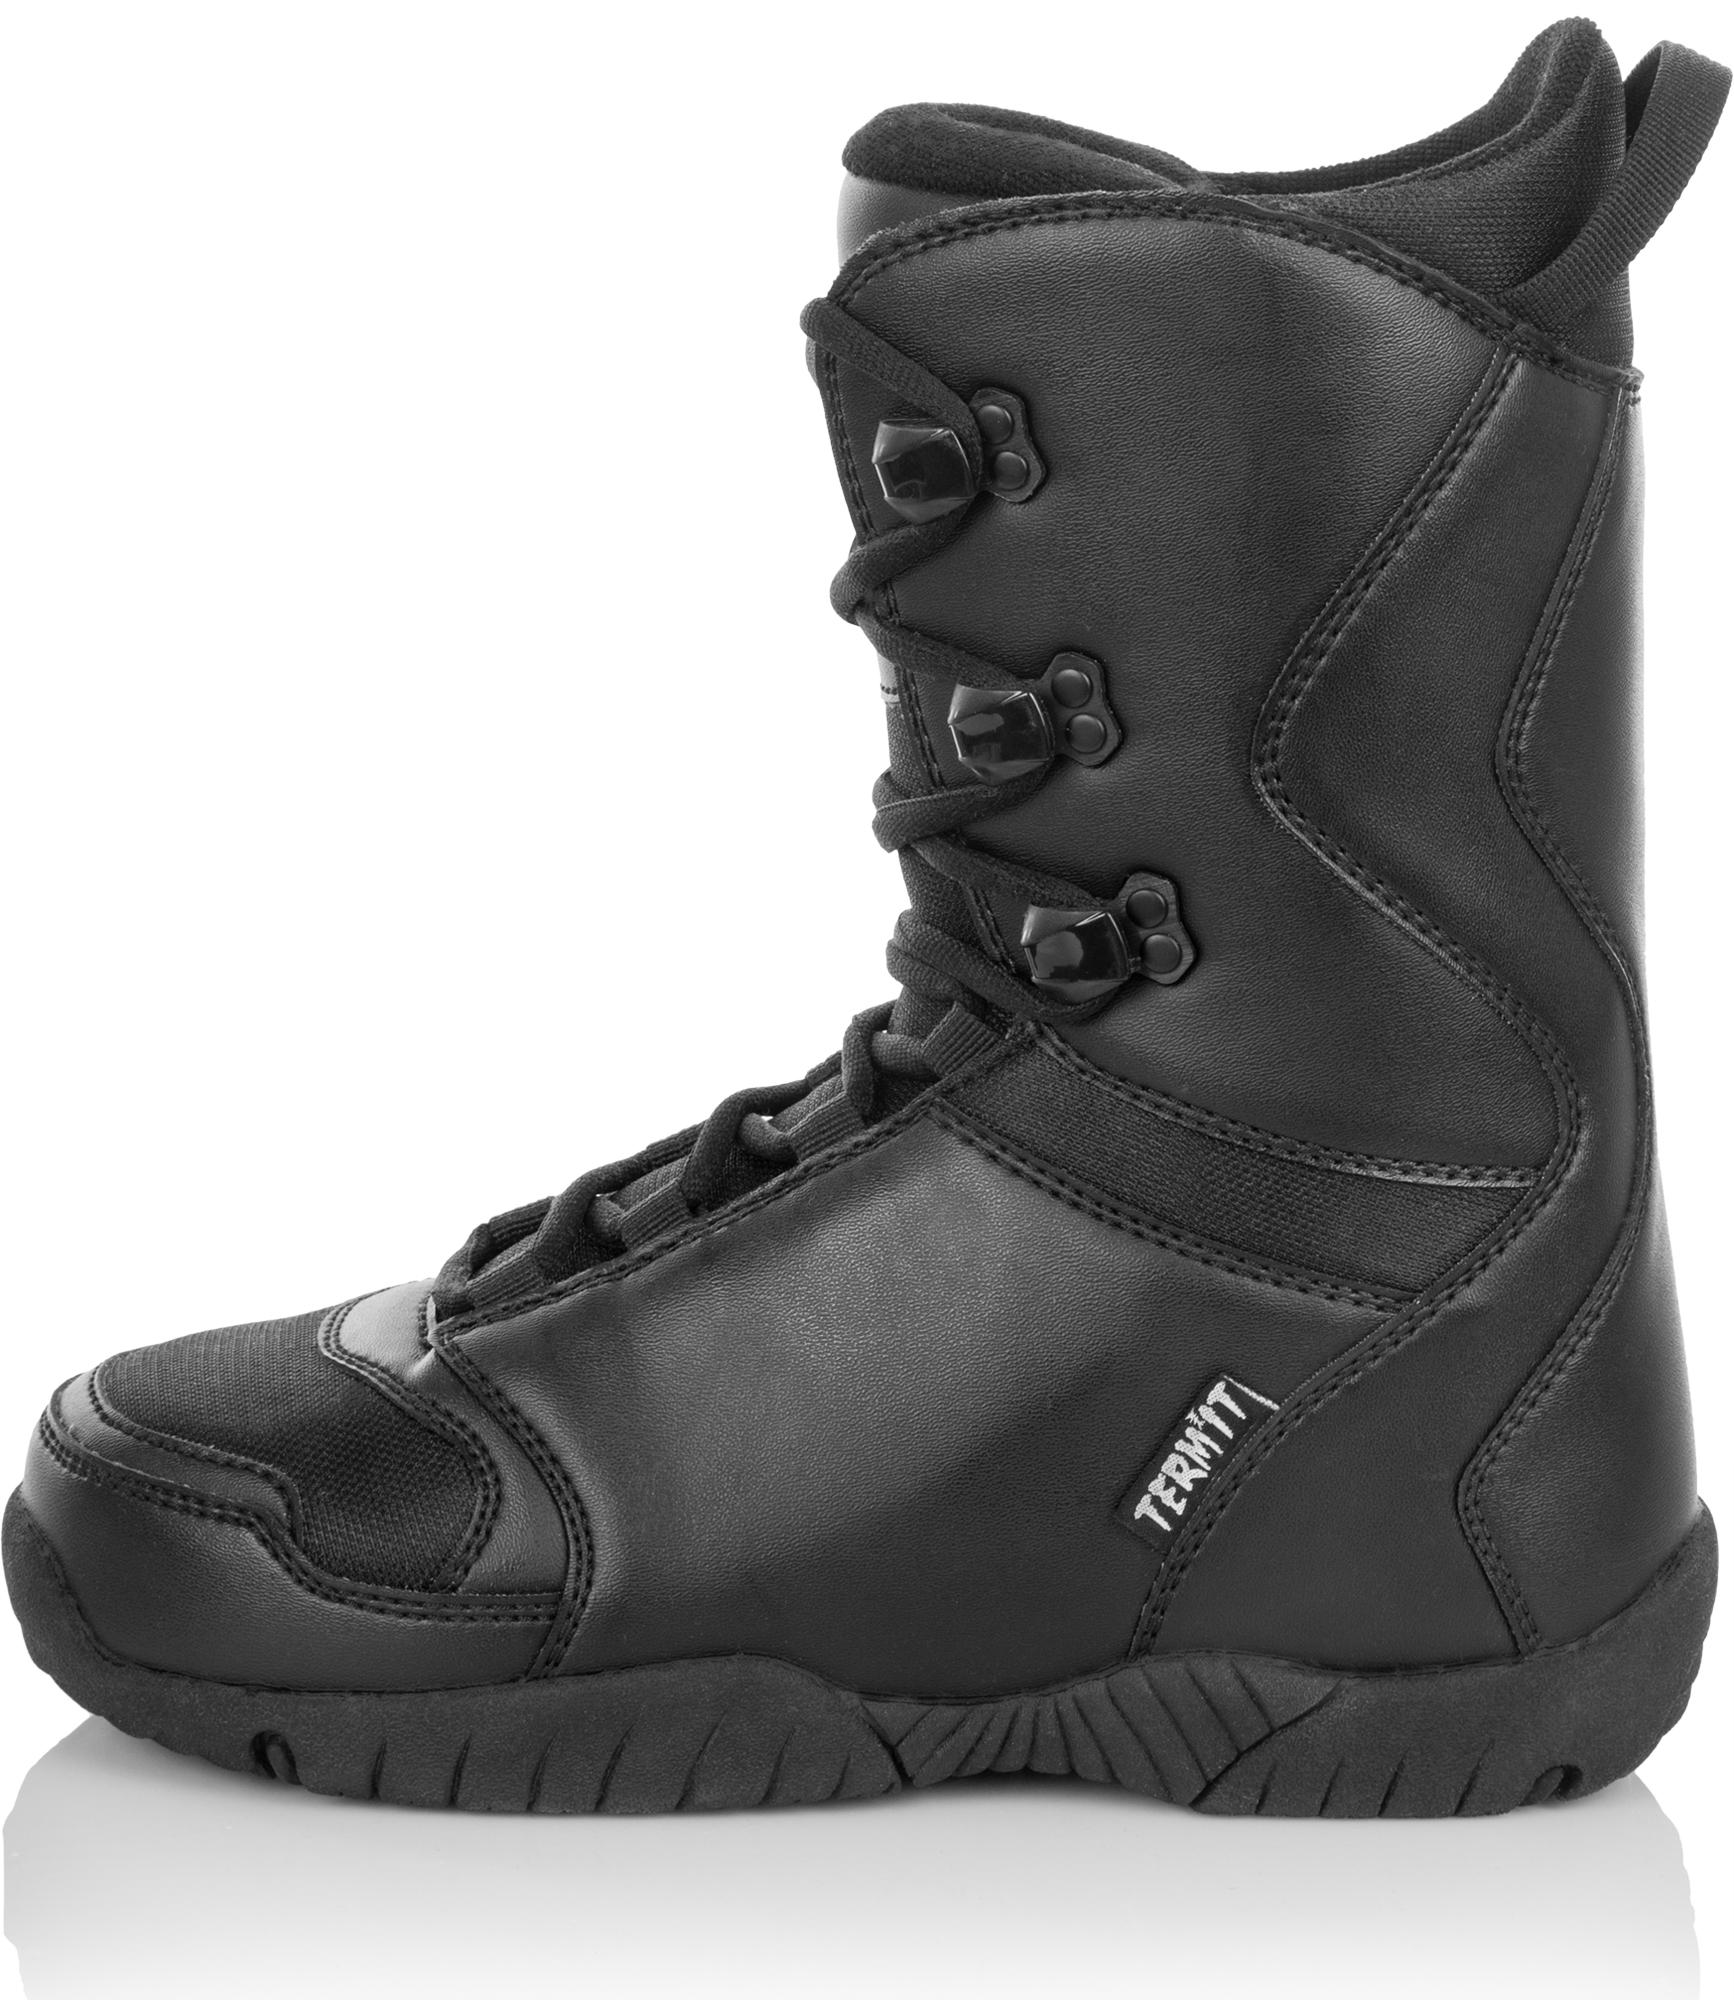 Termit Ботинки сноубордические Termit Newbie, размер 44 цена и фото